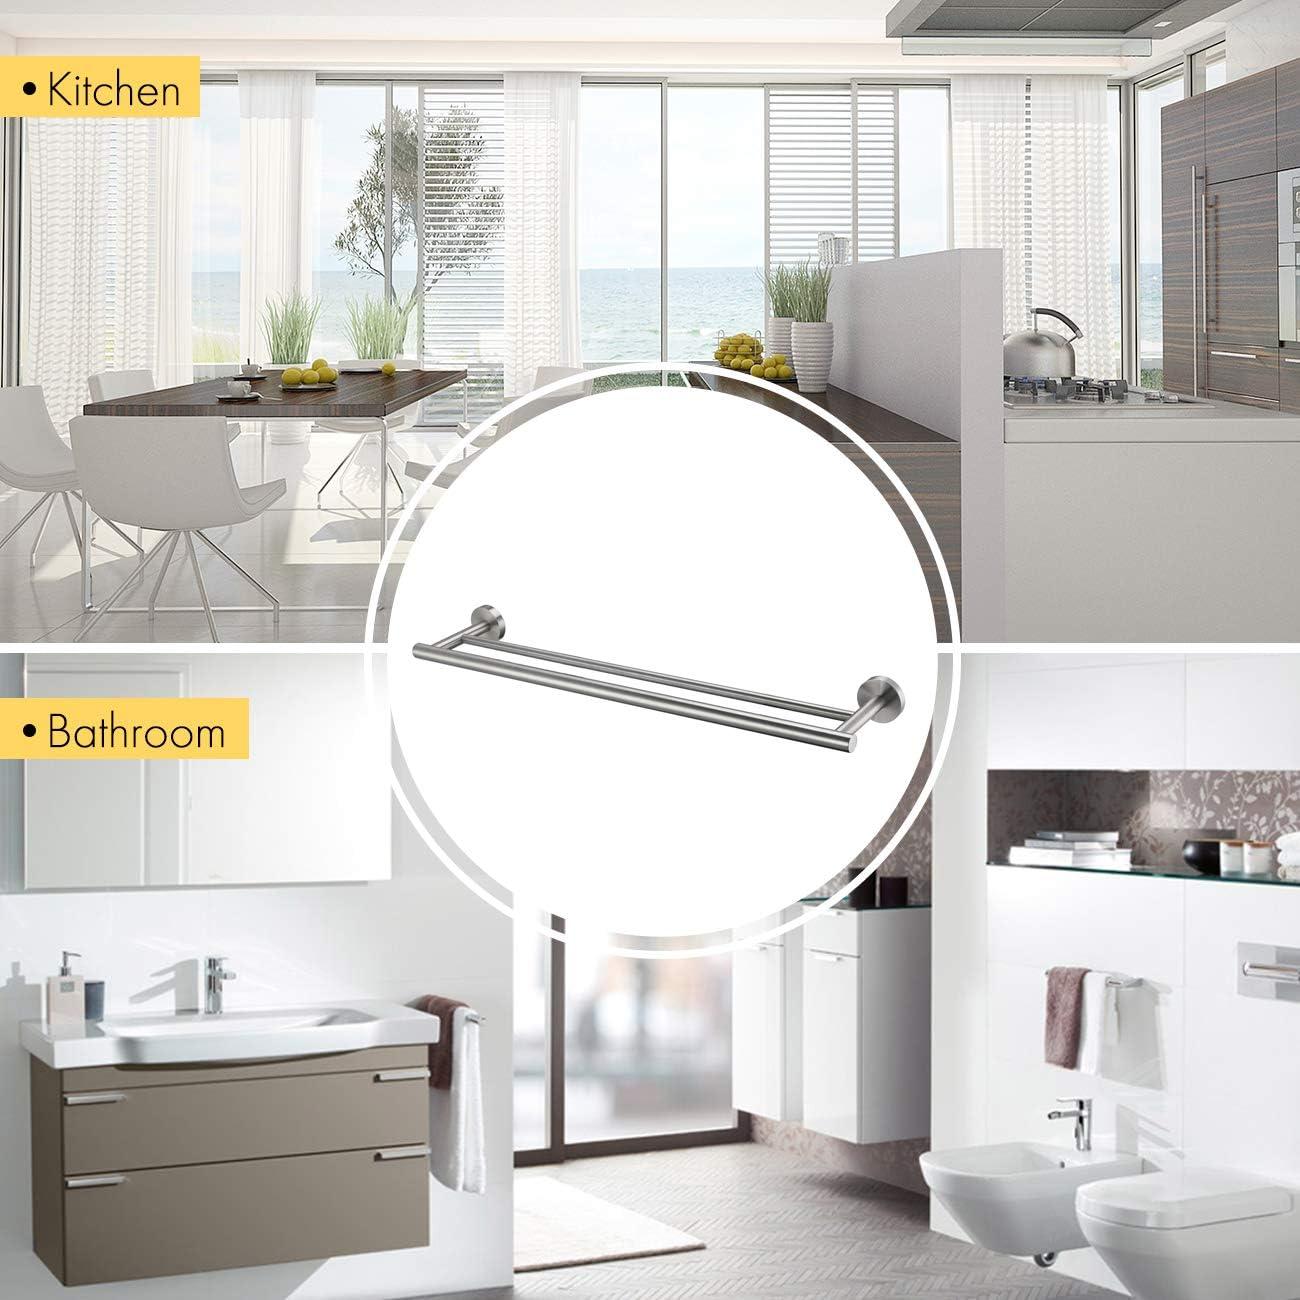 KES Handtuchhalter Handtuchstange Doppel Handtuch Halter SUS 304 Edelstahl Badezimmer Dusche Wandmontage 24-Inch Geb/ürstet A2001S60-2